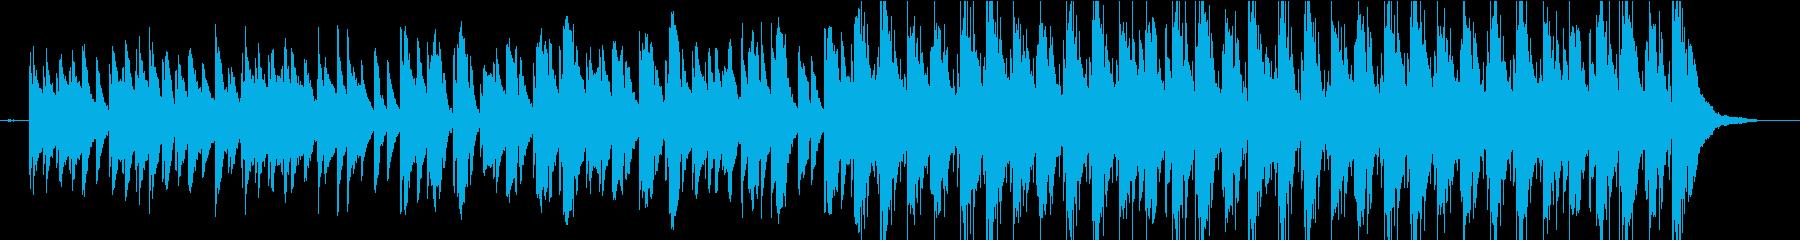 企業VPや映像に軽快わくわくピアノBGMの再生済みの波形